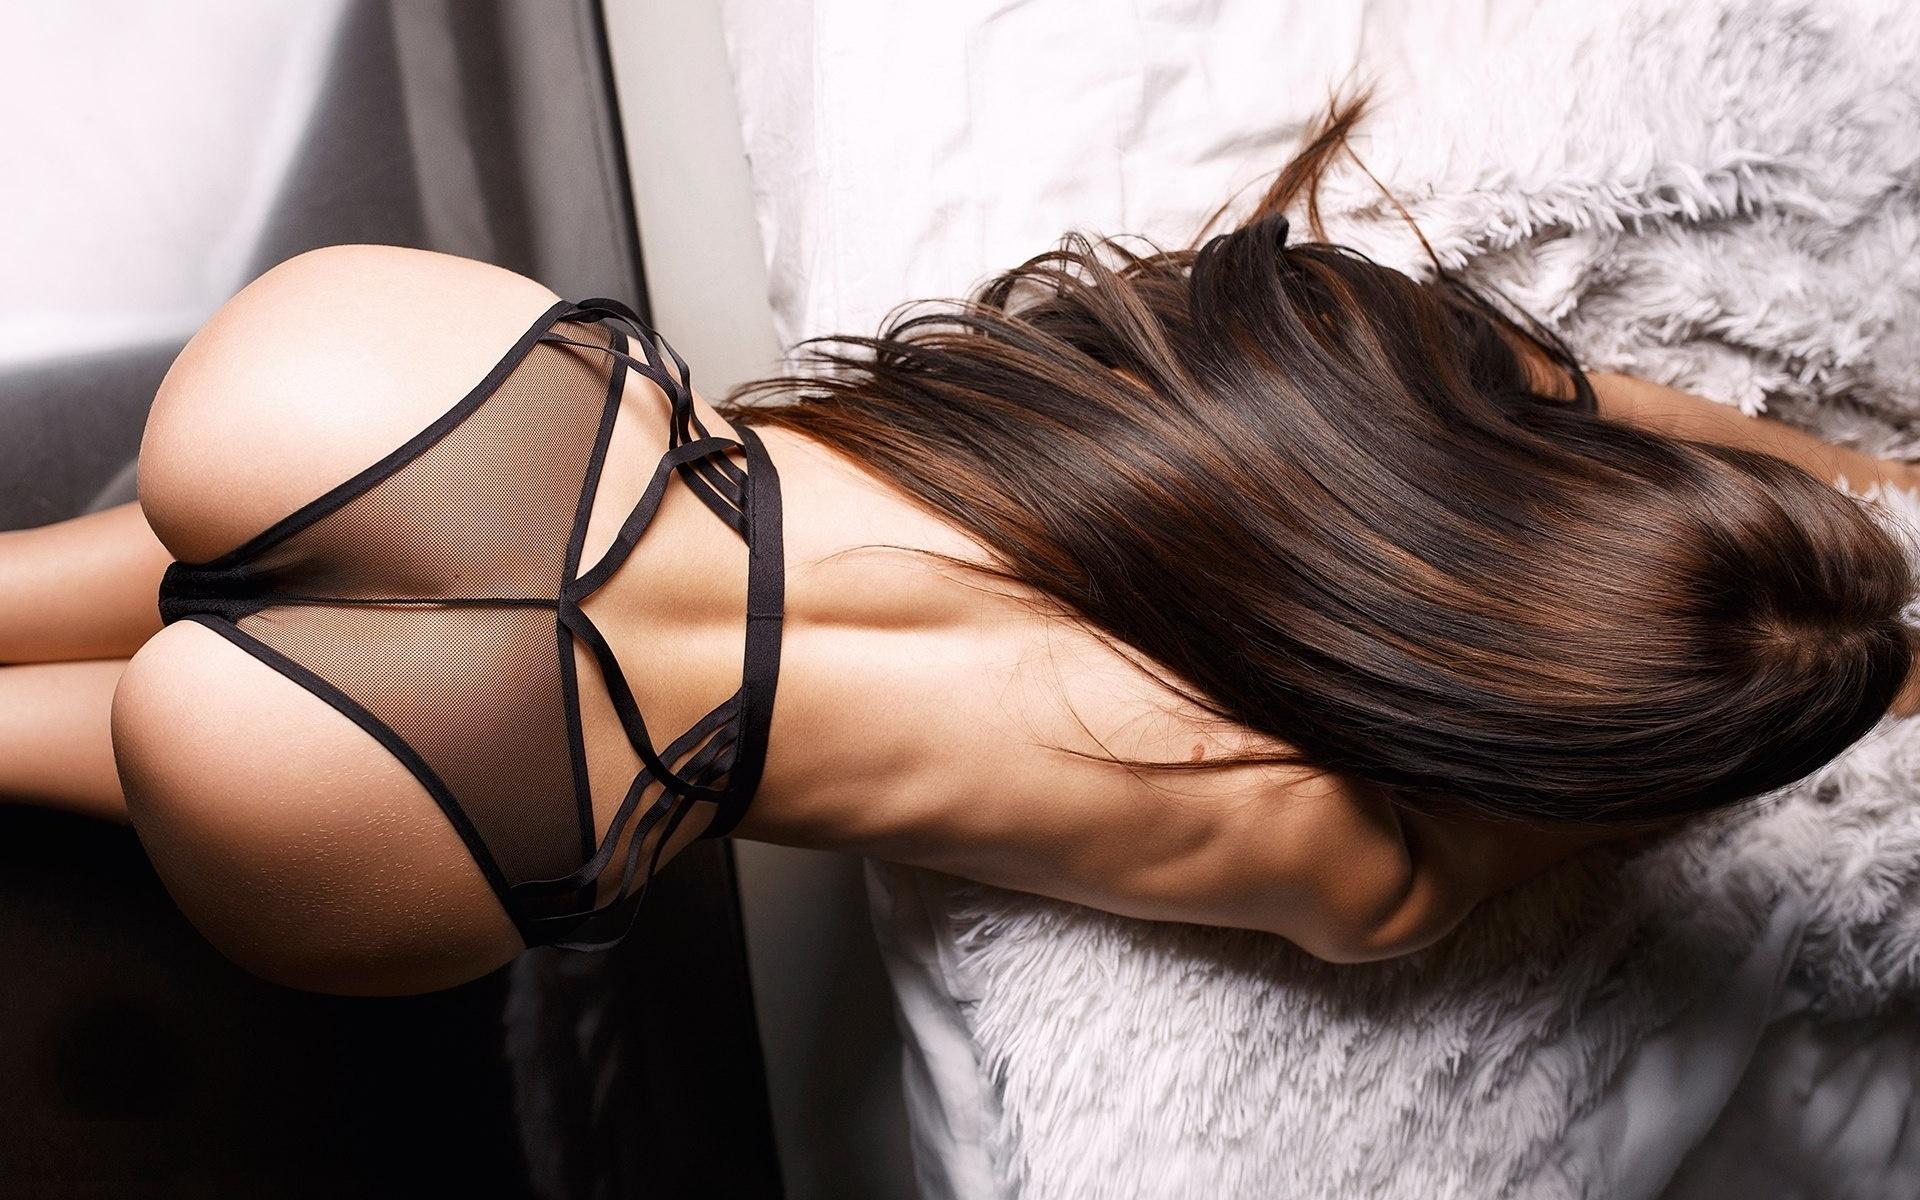 сексуальные попки рачком сексуальная